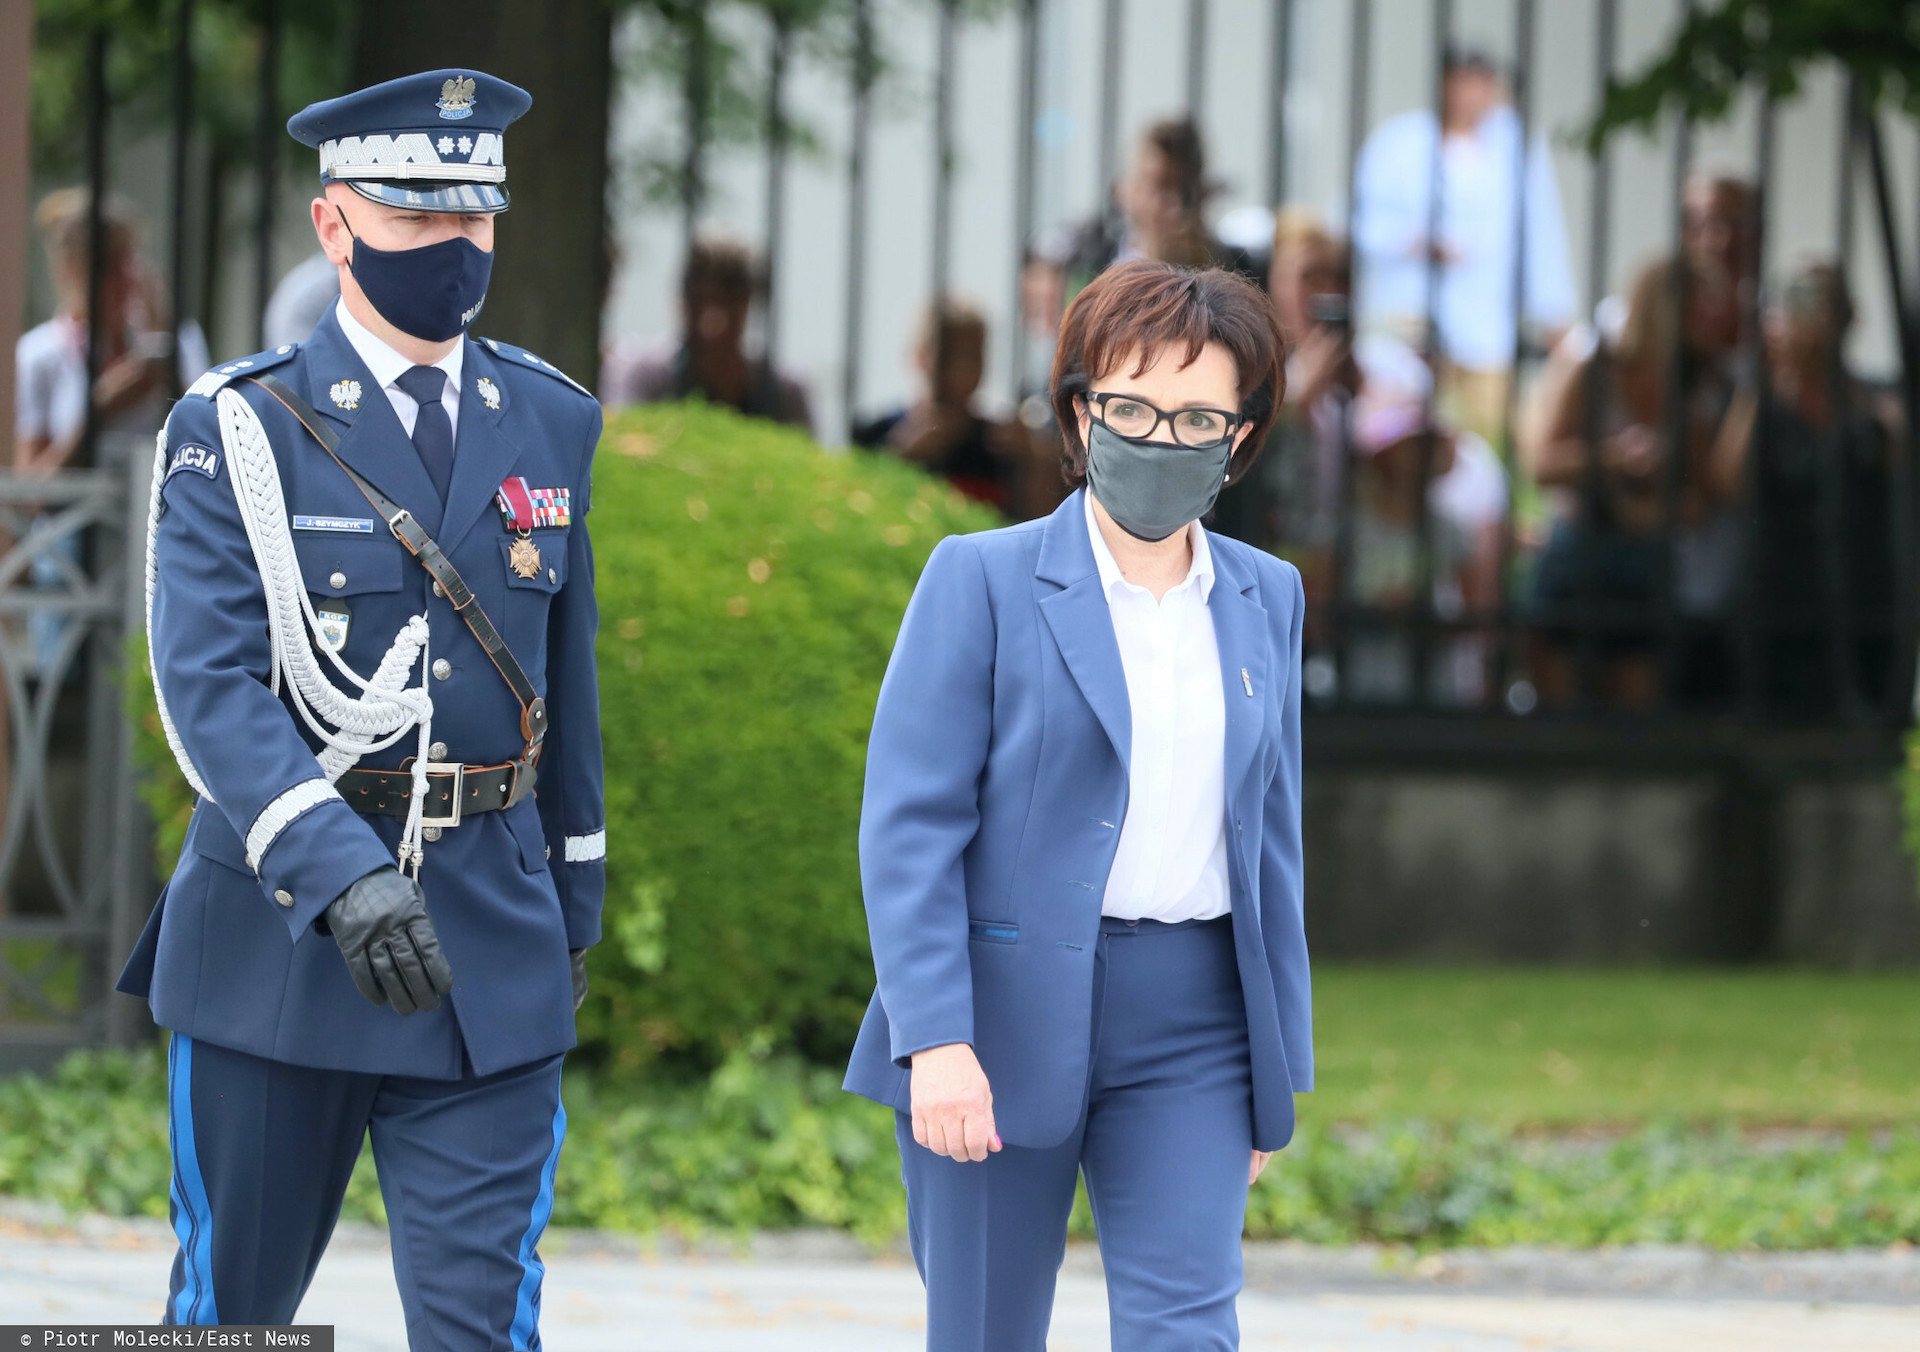 Podczas wizyty w Wielkopolsce za plecami Elżbiety Witek pojawiła się flaga Unii Europejskiej